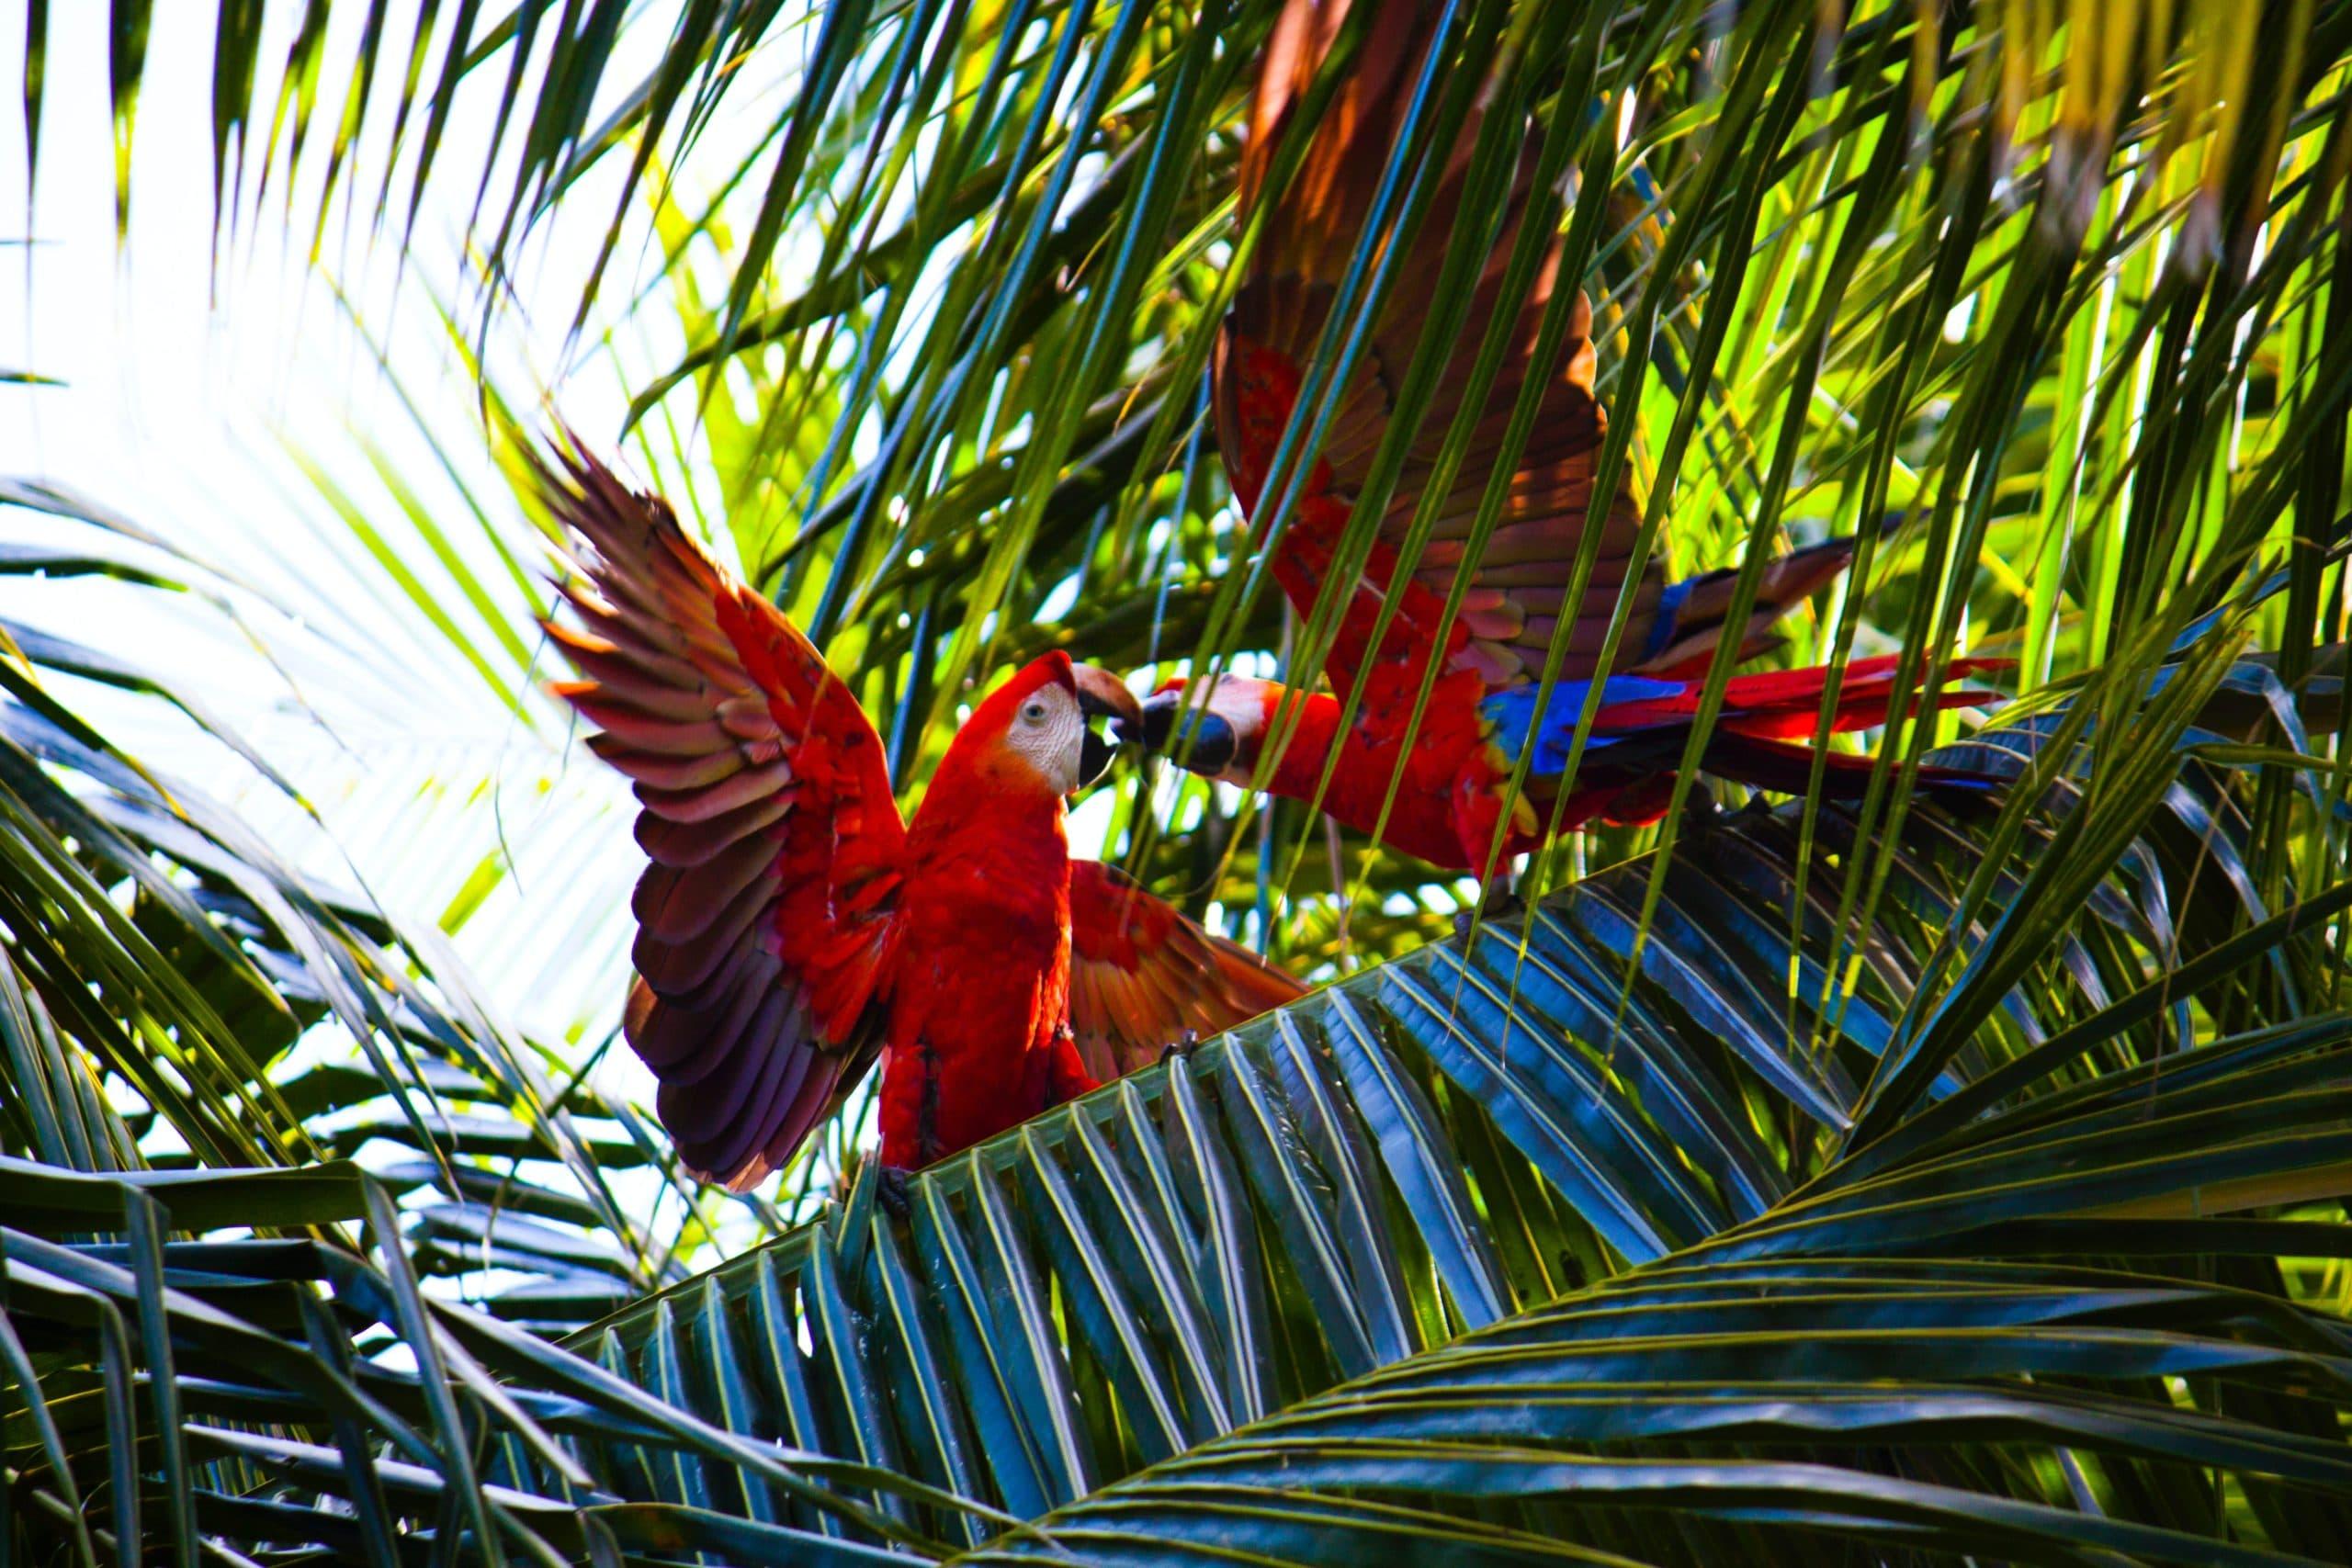 Cople de Ara Macao au Costa Rica